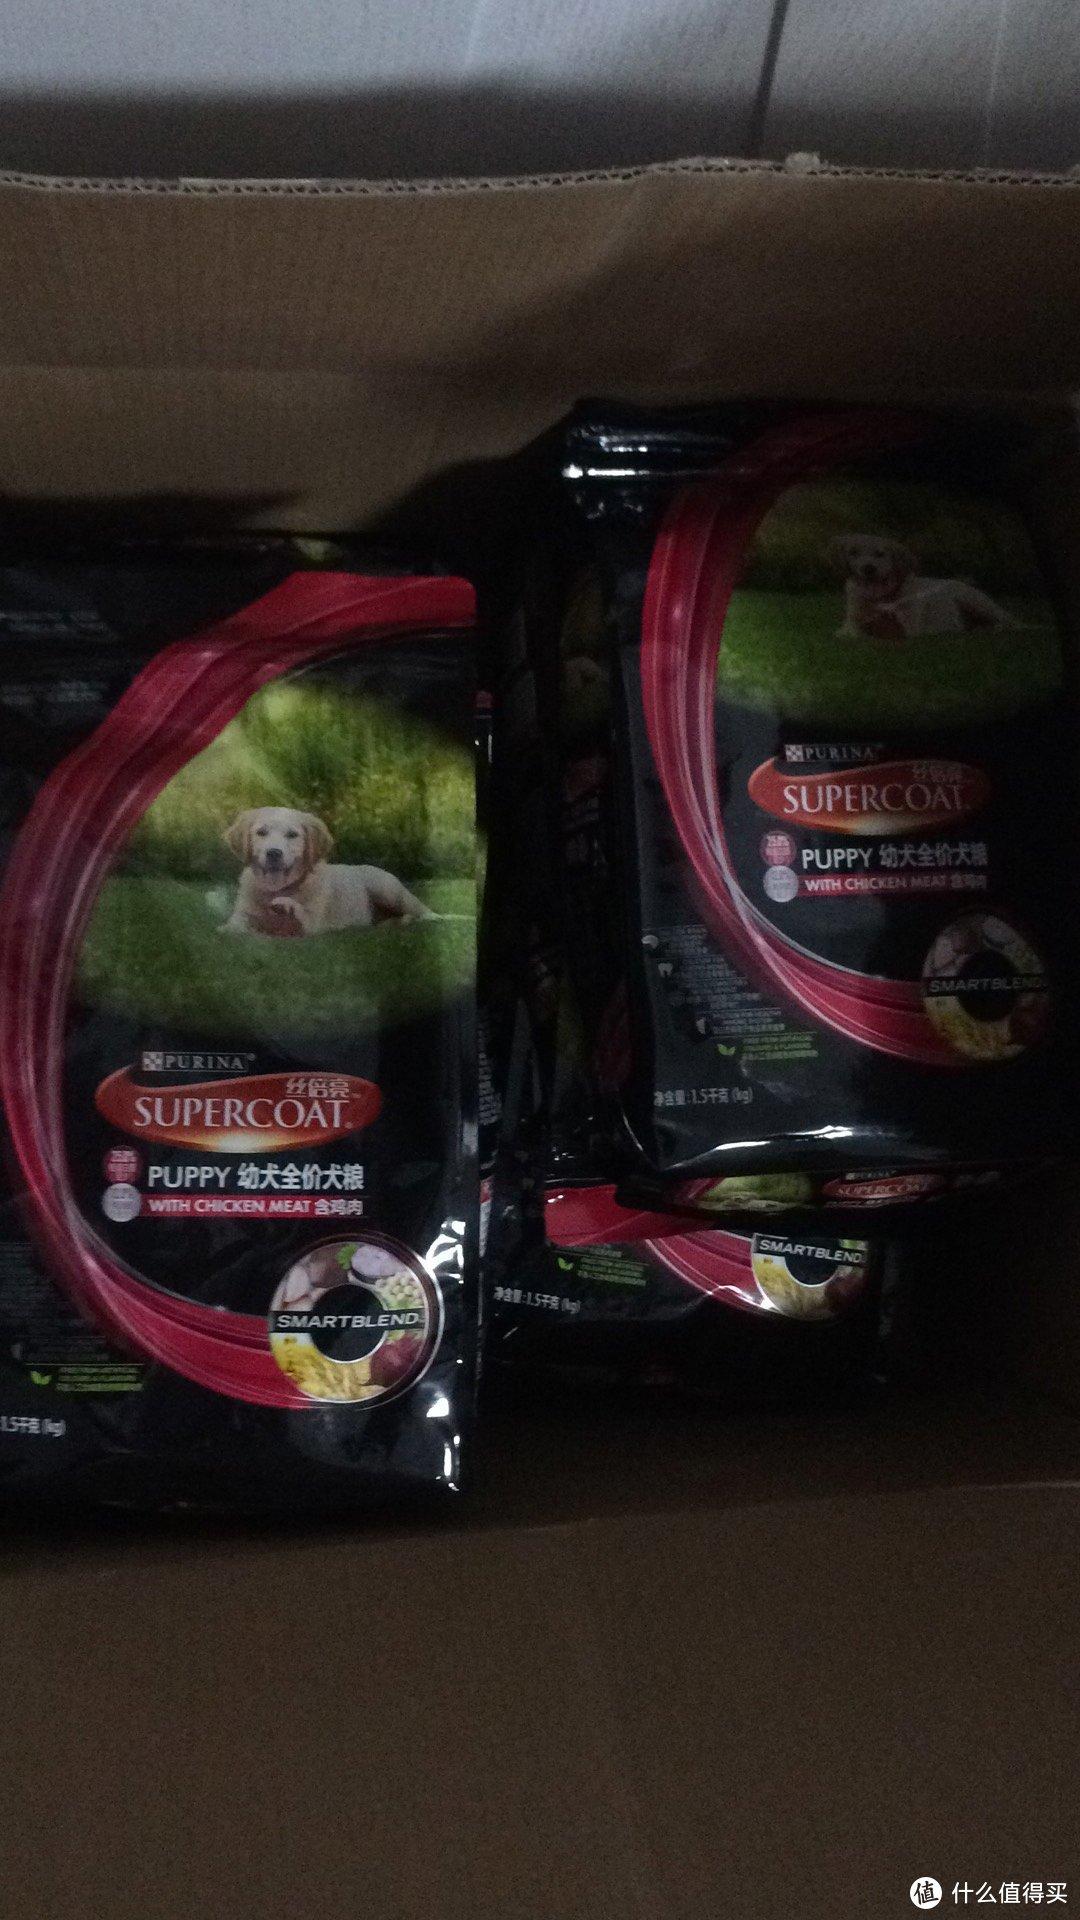 我家拉布拉多的第二款狗粮-丝倍亮™幼犬全价犬粮